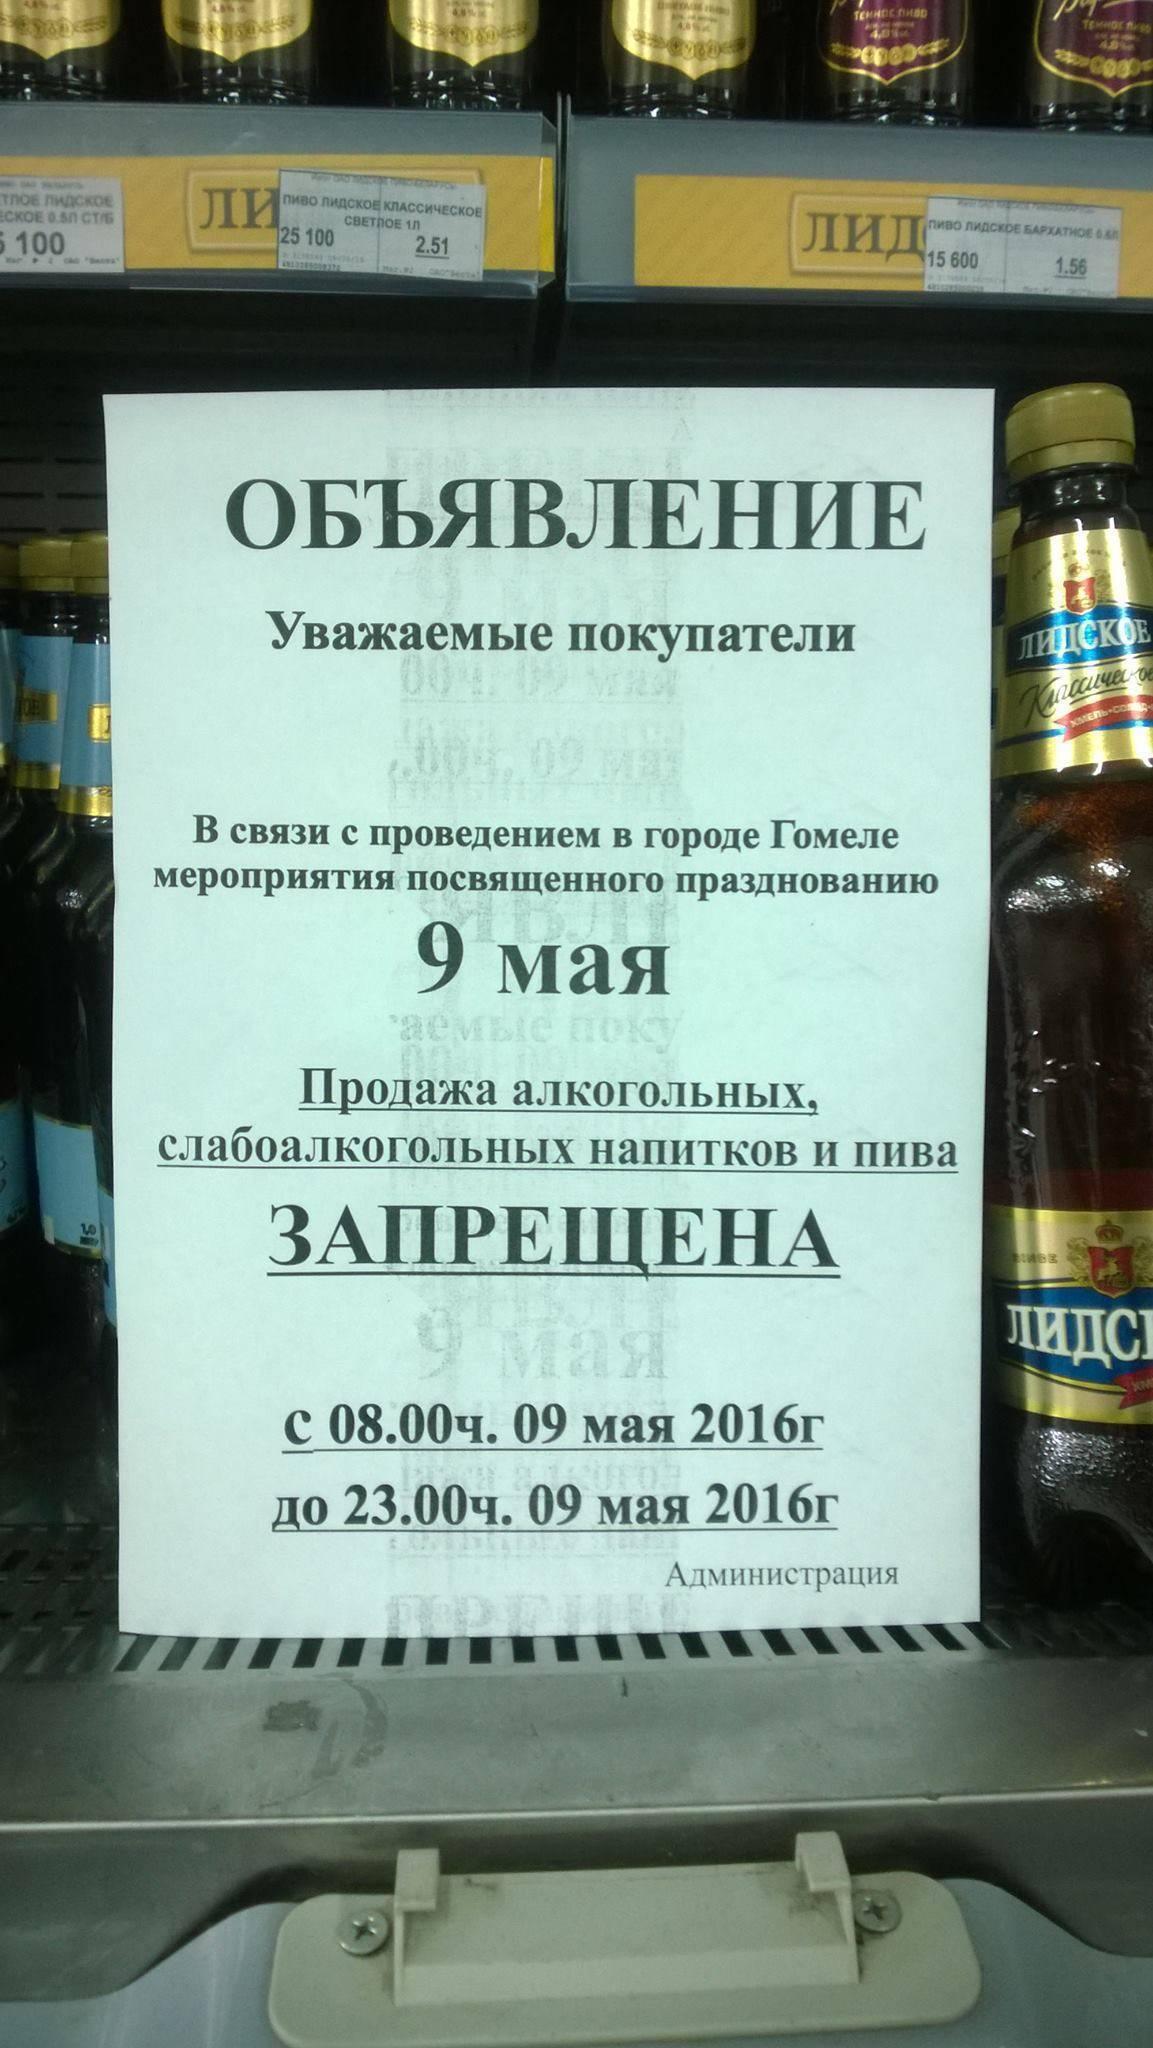 Продажа алкоголя в москве и области – до скольки часов его продают